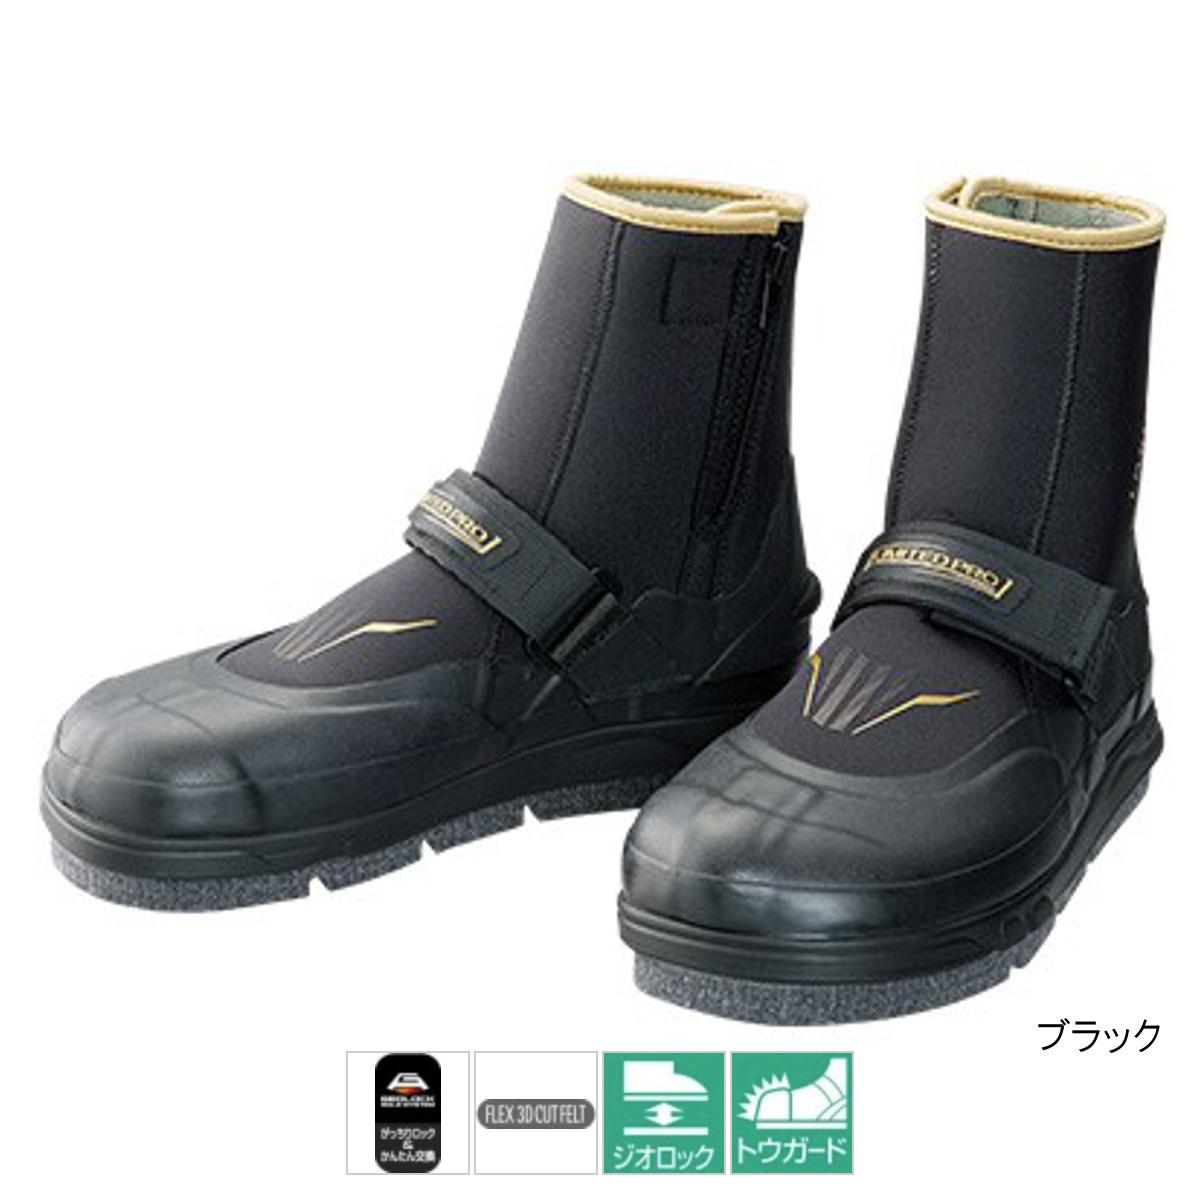 シマノ ジオロック・フレックス3Dカットフェルトタビ リミテッドプロ(中割) FT-011S M ブラック